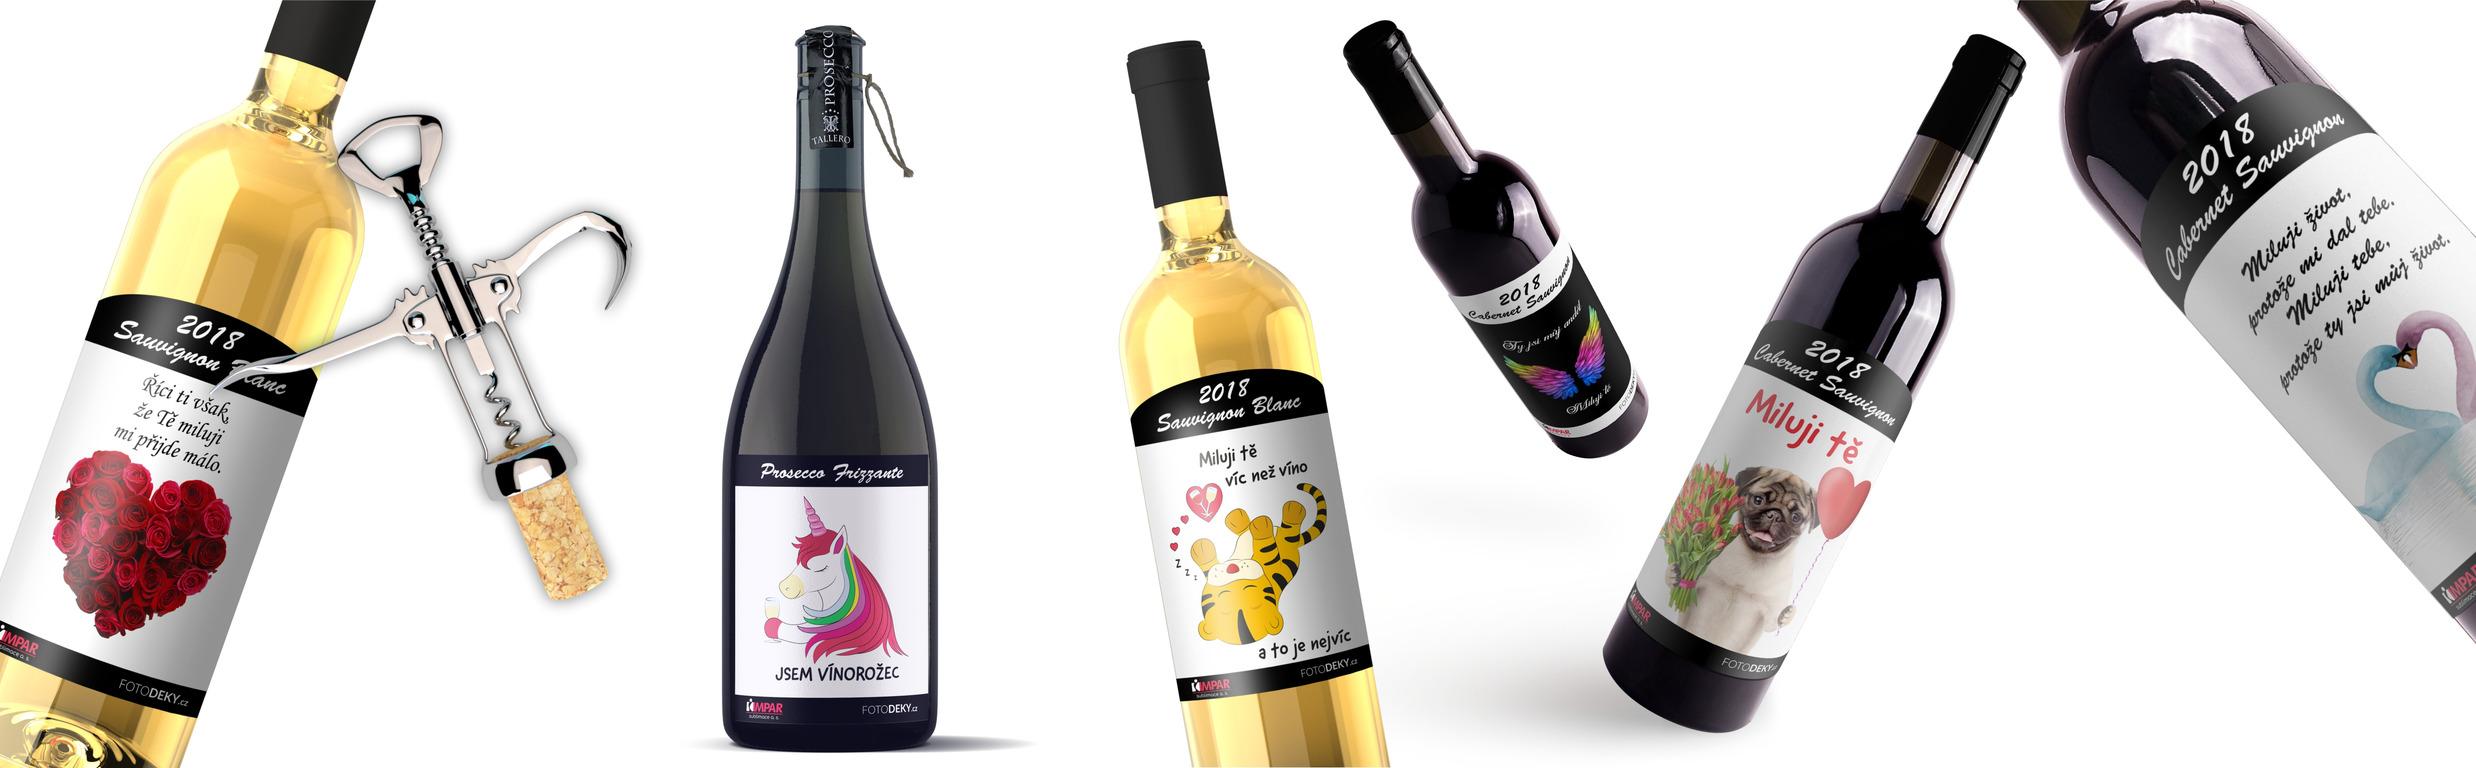 Vína s originální etiketou